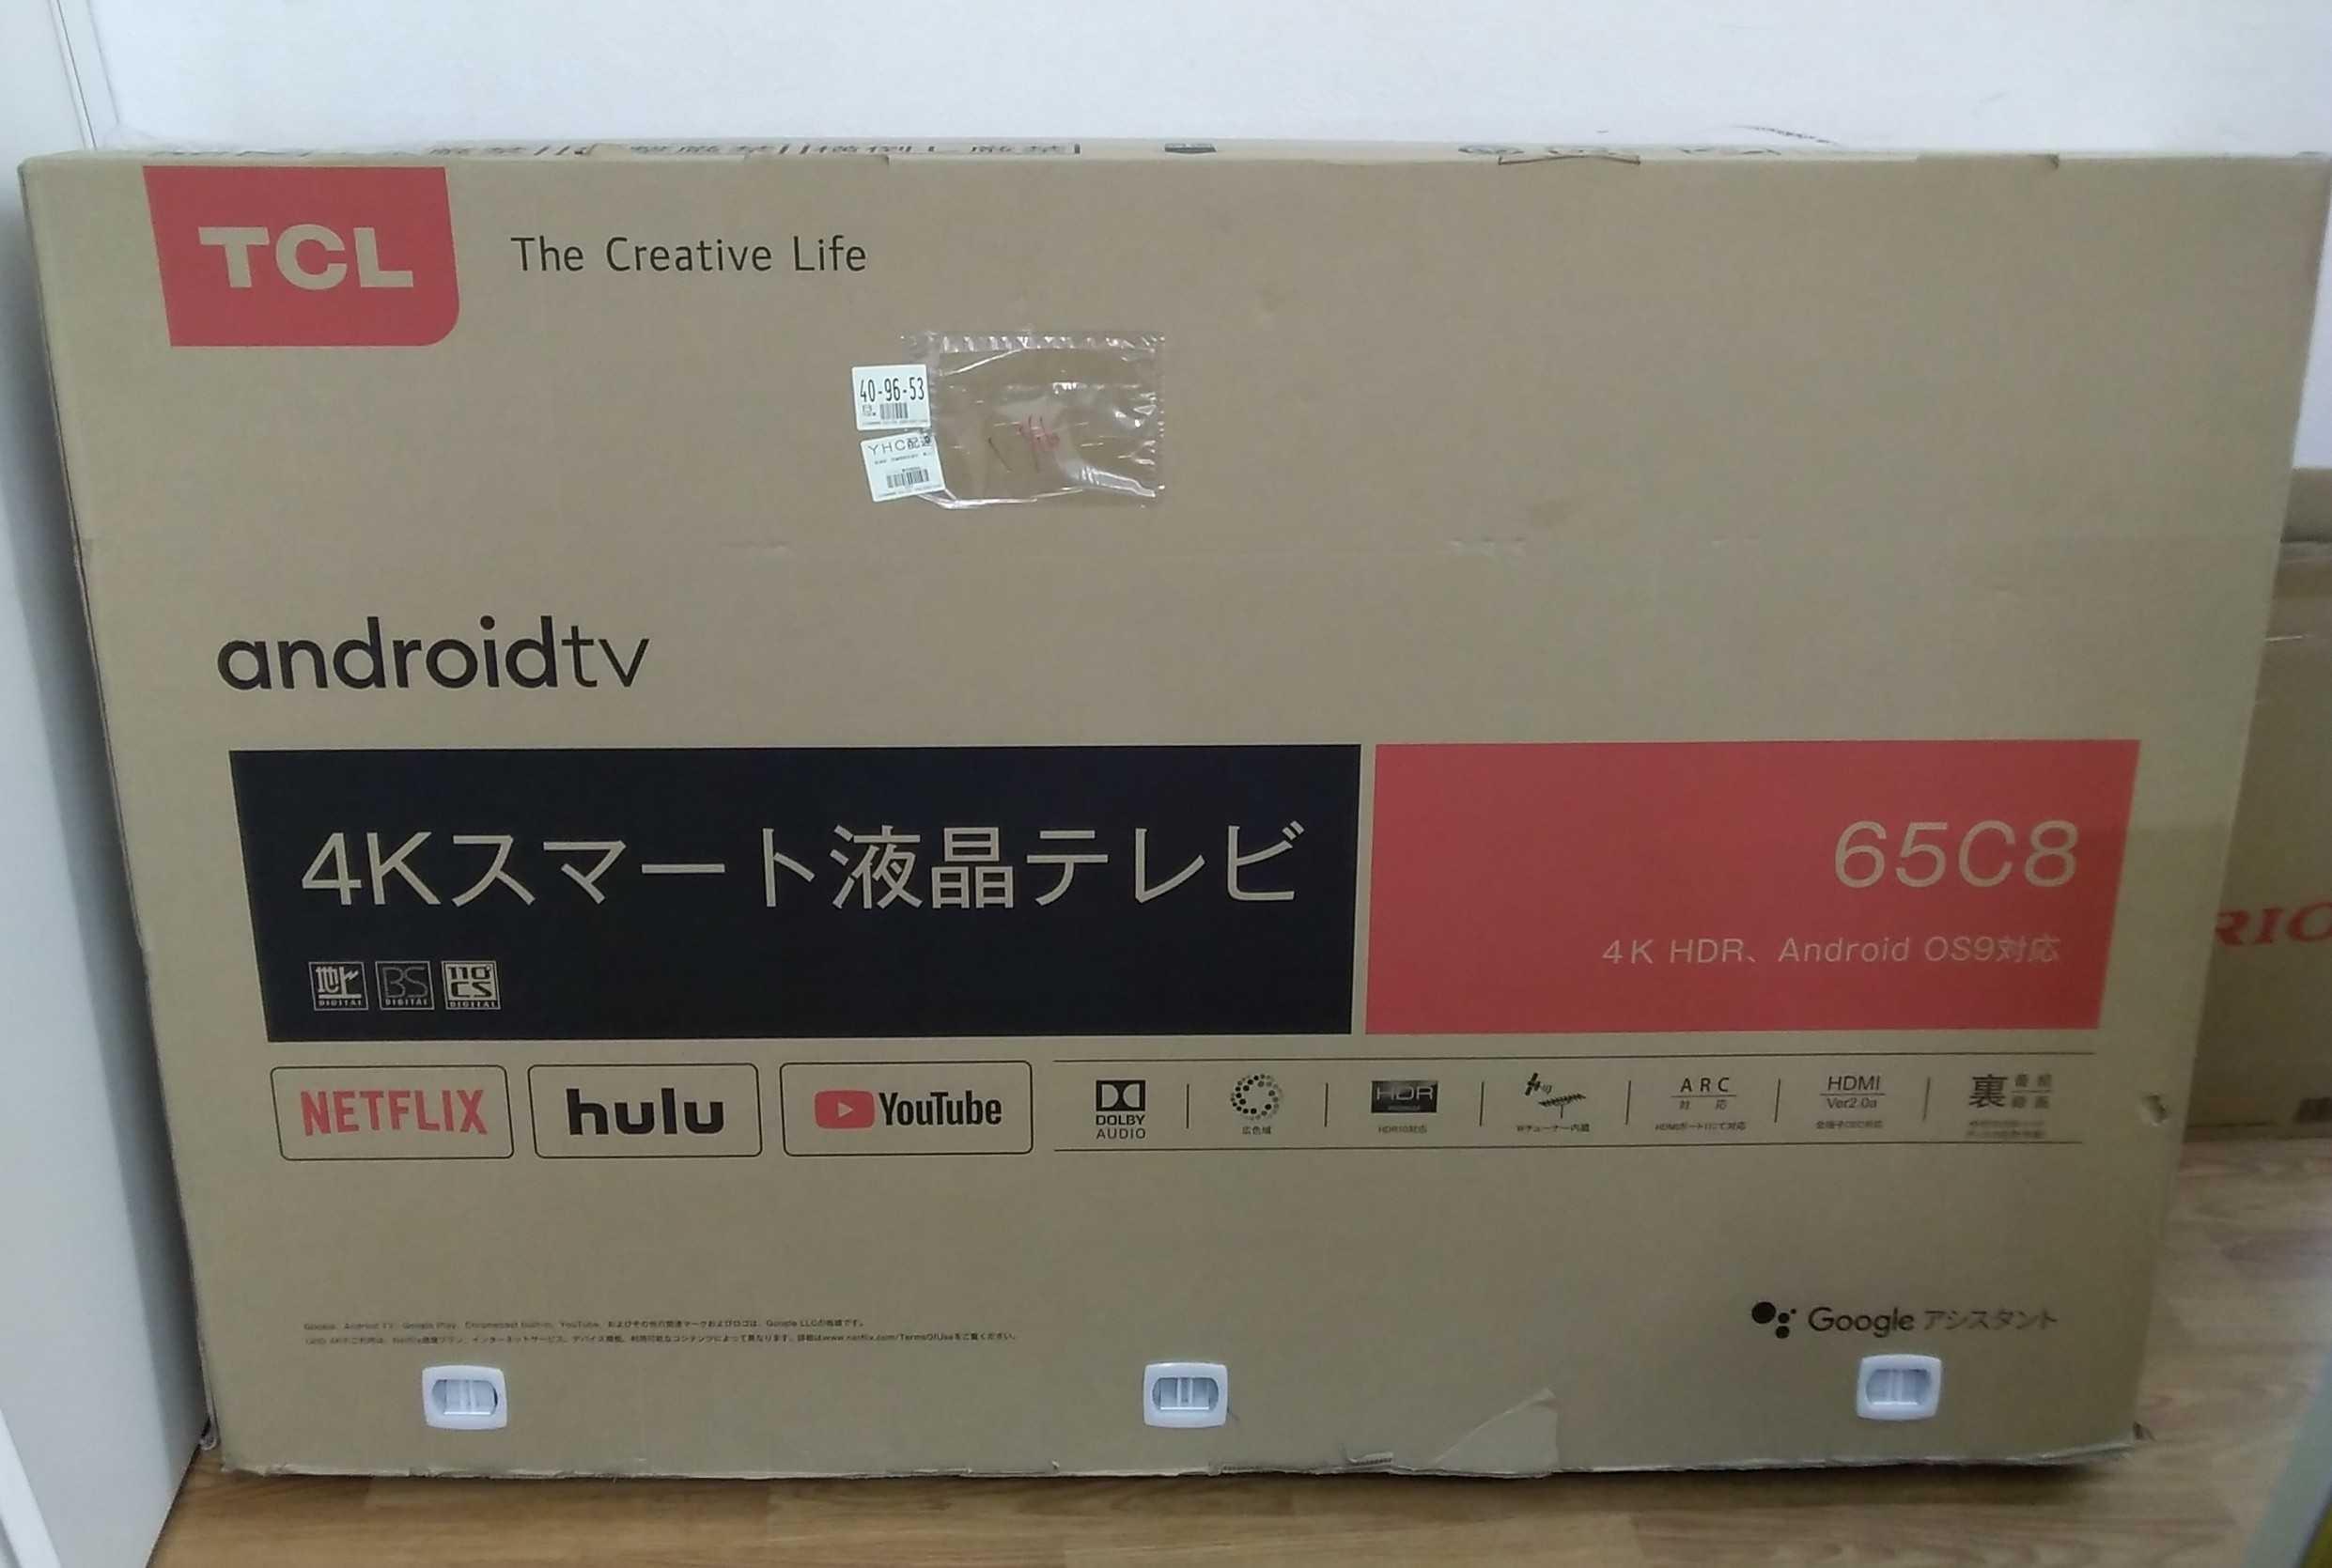 液晶テレビ|TCL